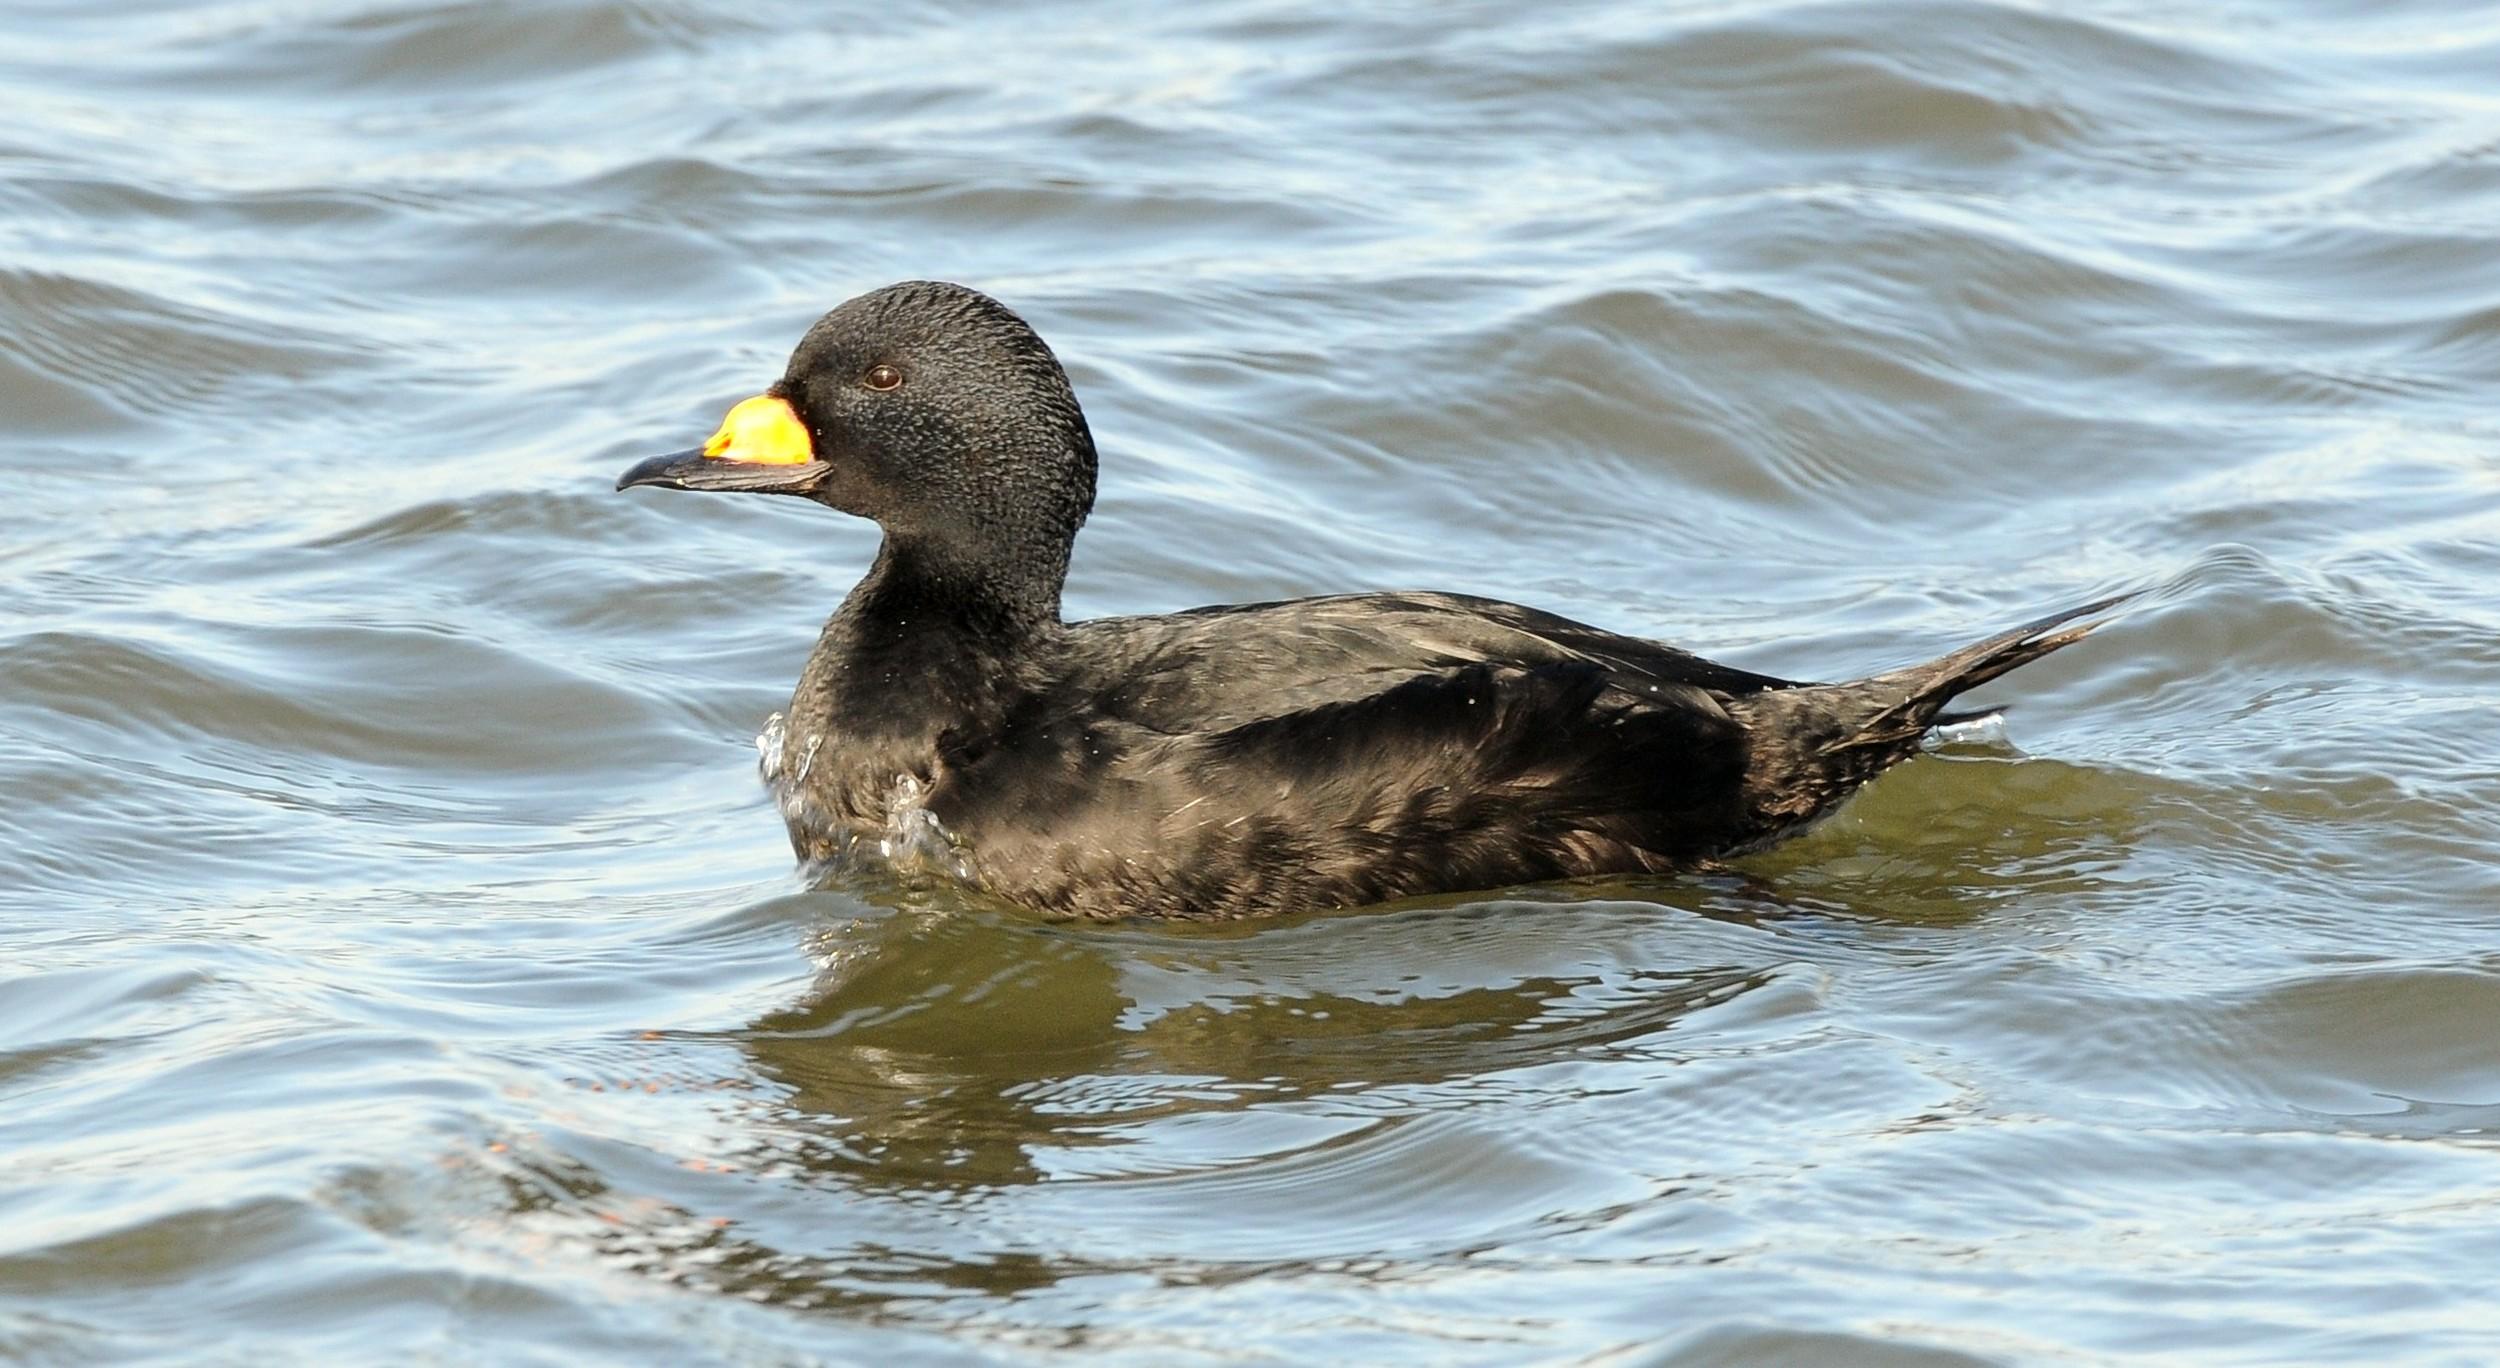 A black scoter duck.